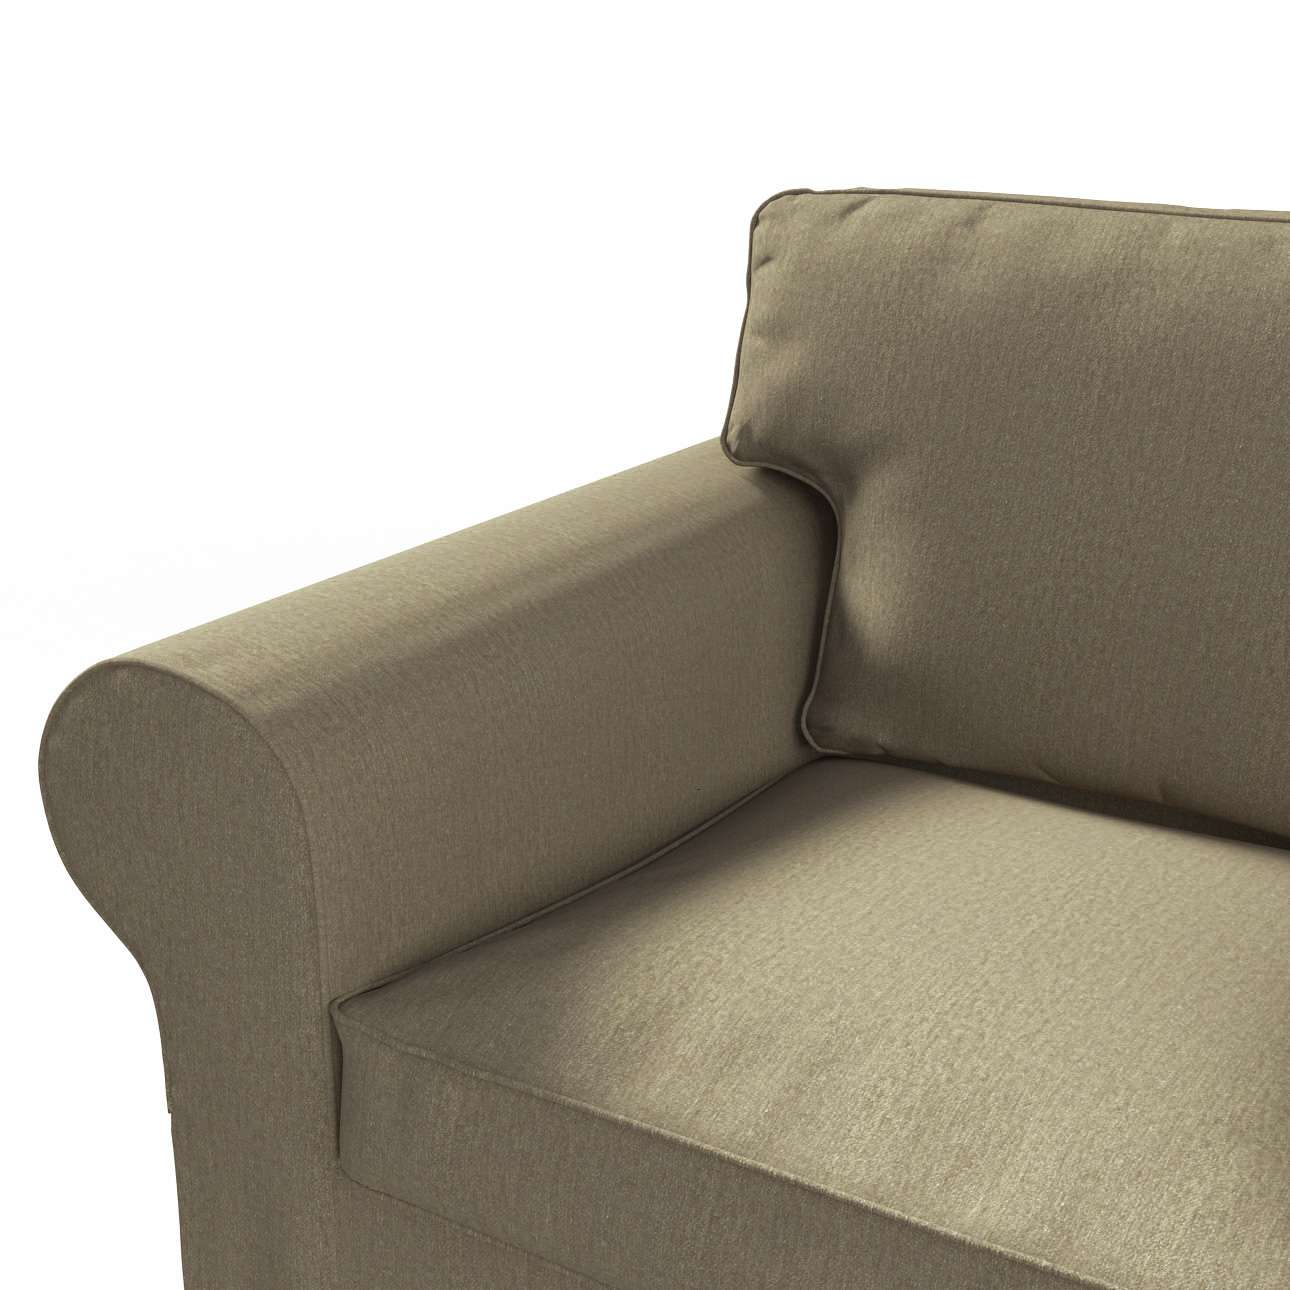 Pokrowiec na sofę Ektorp 2-osobową rozkładana NOWY MODEL 2012 sofa ektorp 2-osobowa rozkładana NOWY MODEL w kolekcji Chenille, tkanina: 702-21